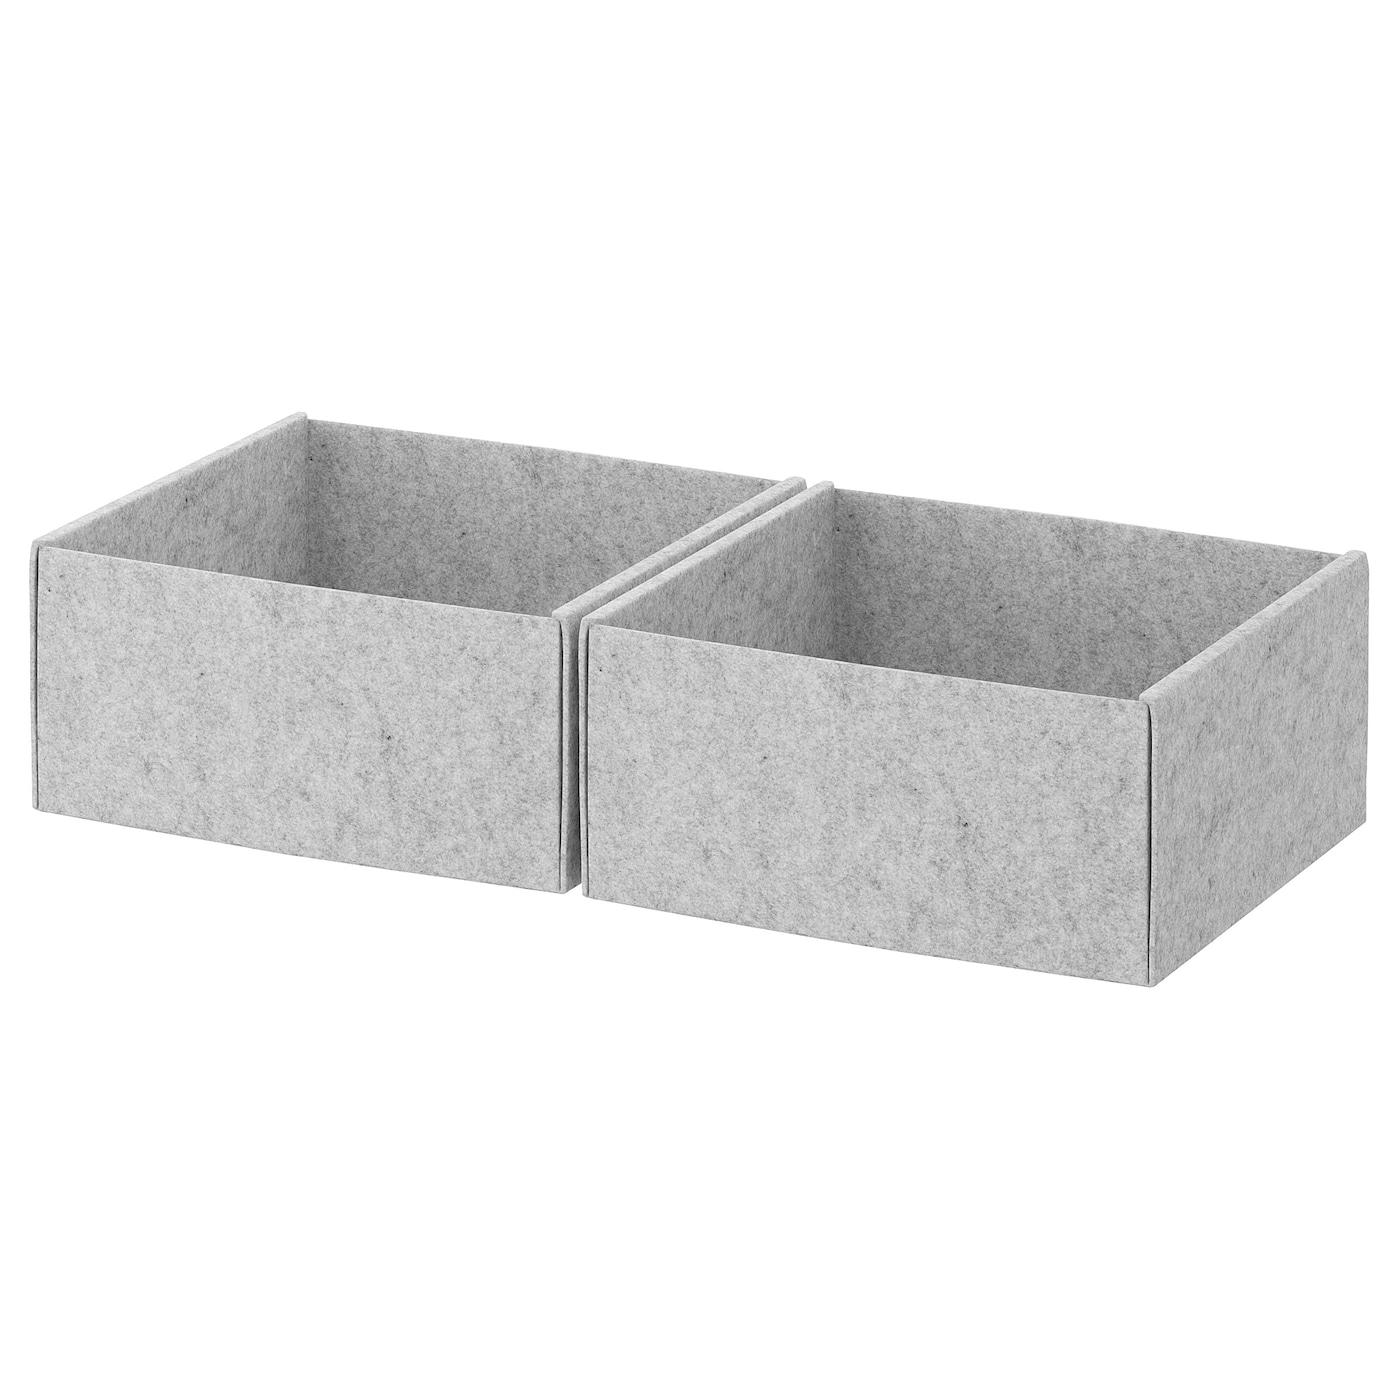 komplement tiroir avec face en verre blanc 75x58 cm ikea. Black Bedroom Furniture Sets. Home Design Ideas